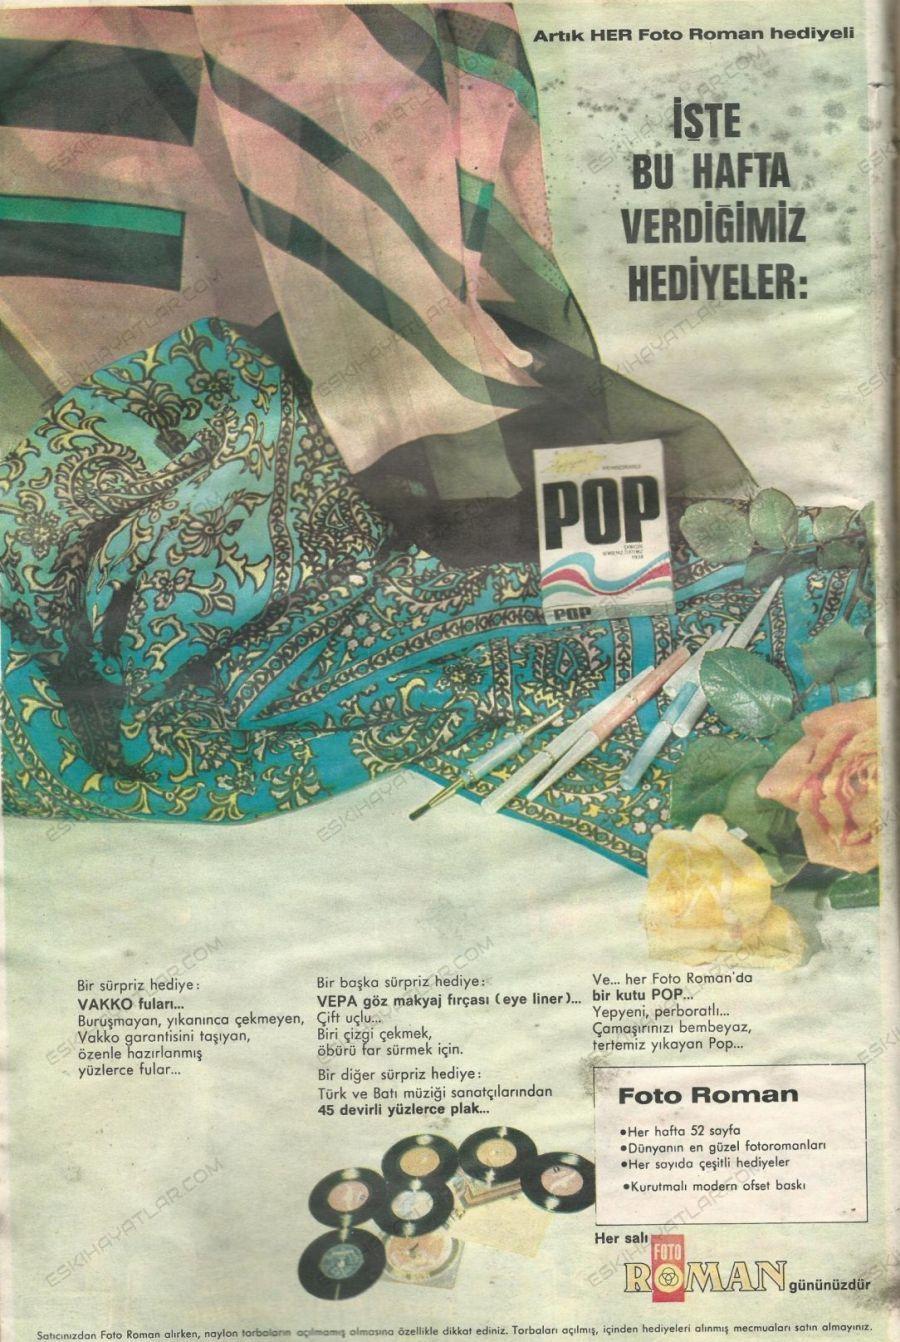 0336-pop-deterjanlari-1973-vakko-fular-reklamlari-her-sali-fotoroman-gununuzdur